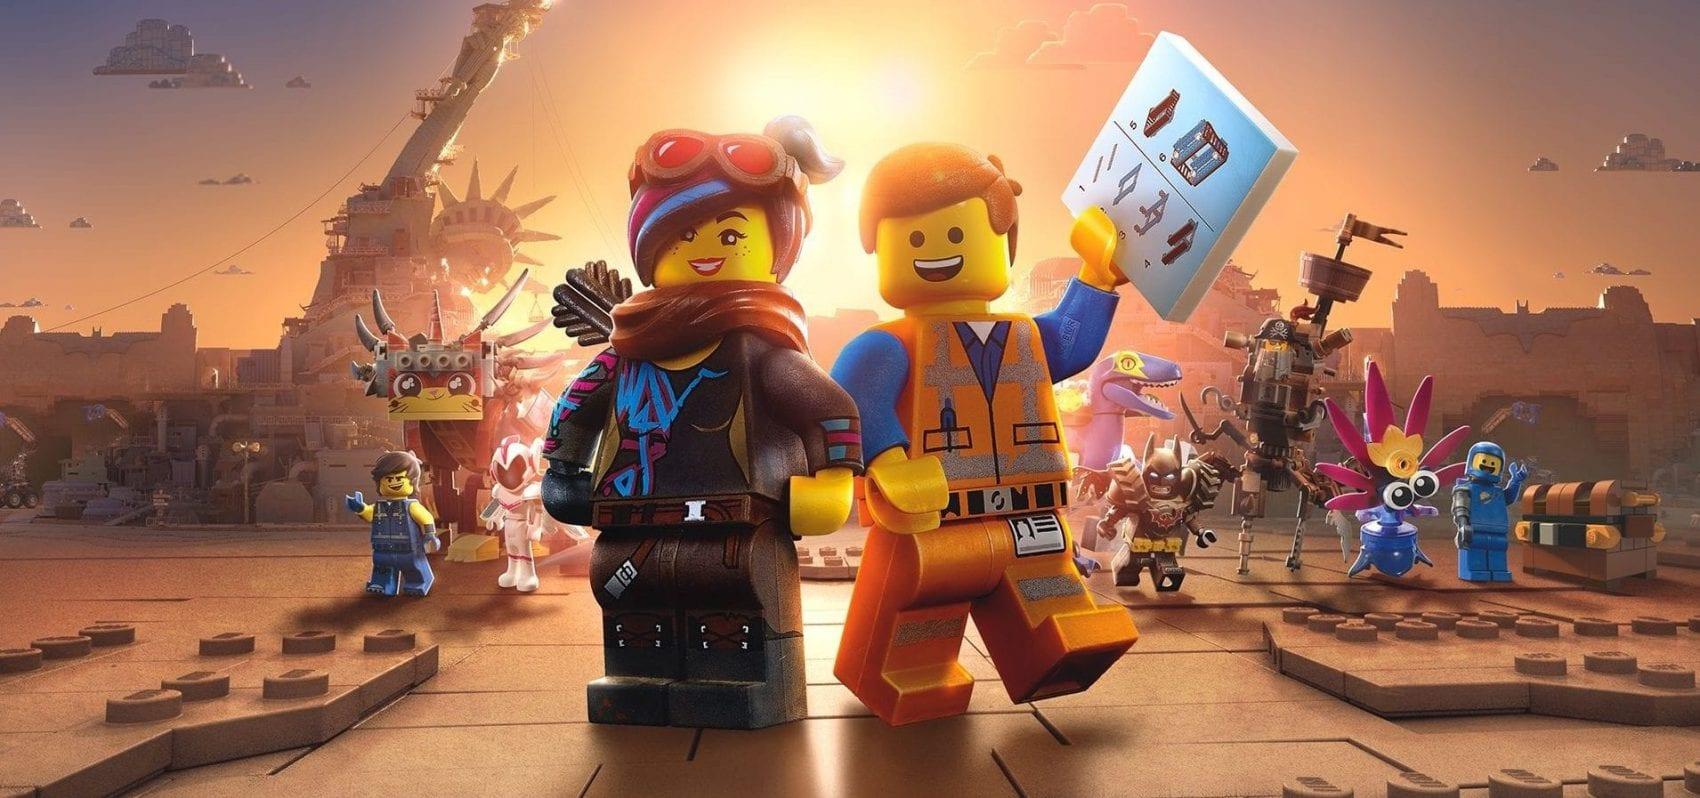 Aktualnie wkinie #219: Planeta Singli 3, Lego Przygoda 2.